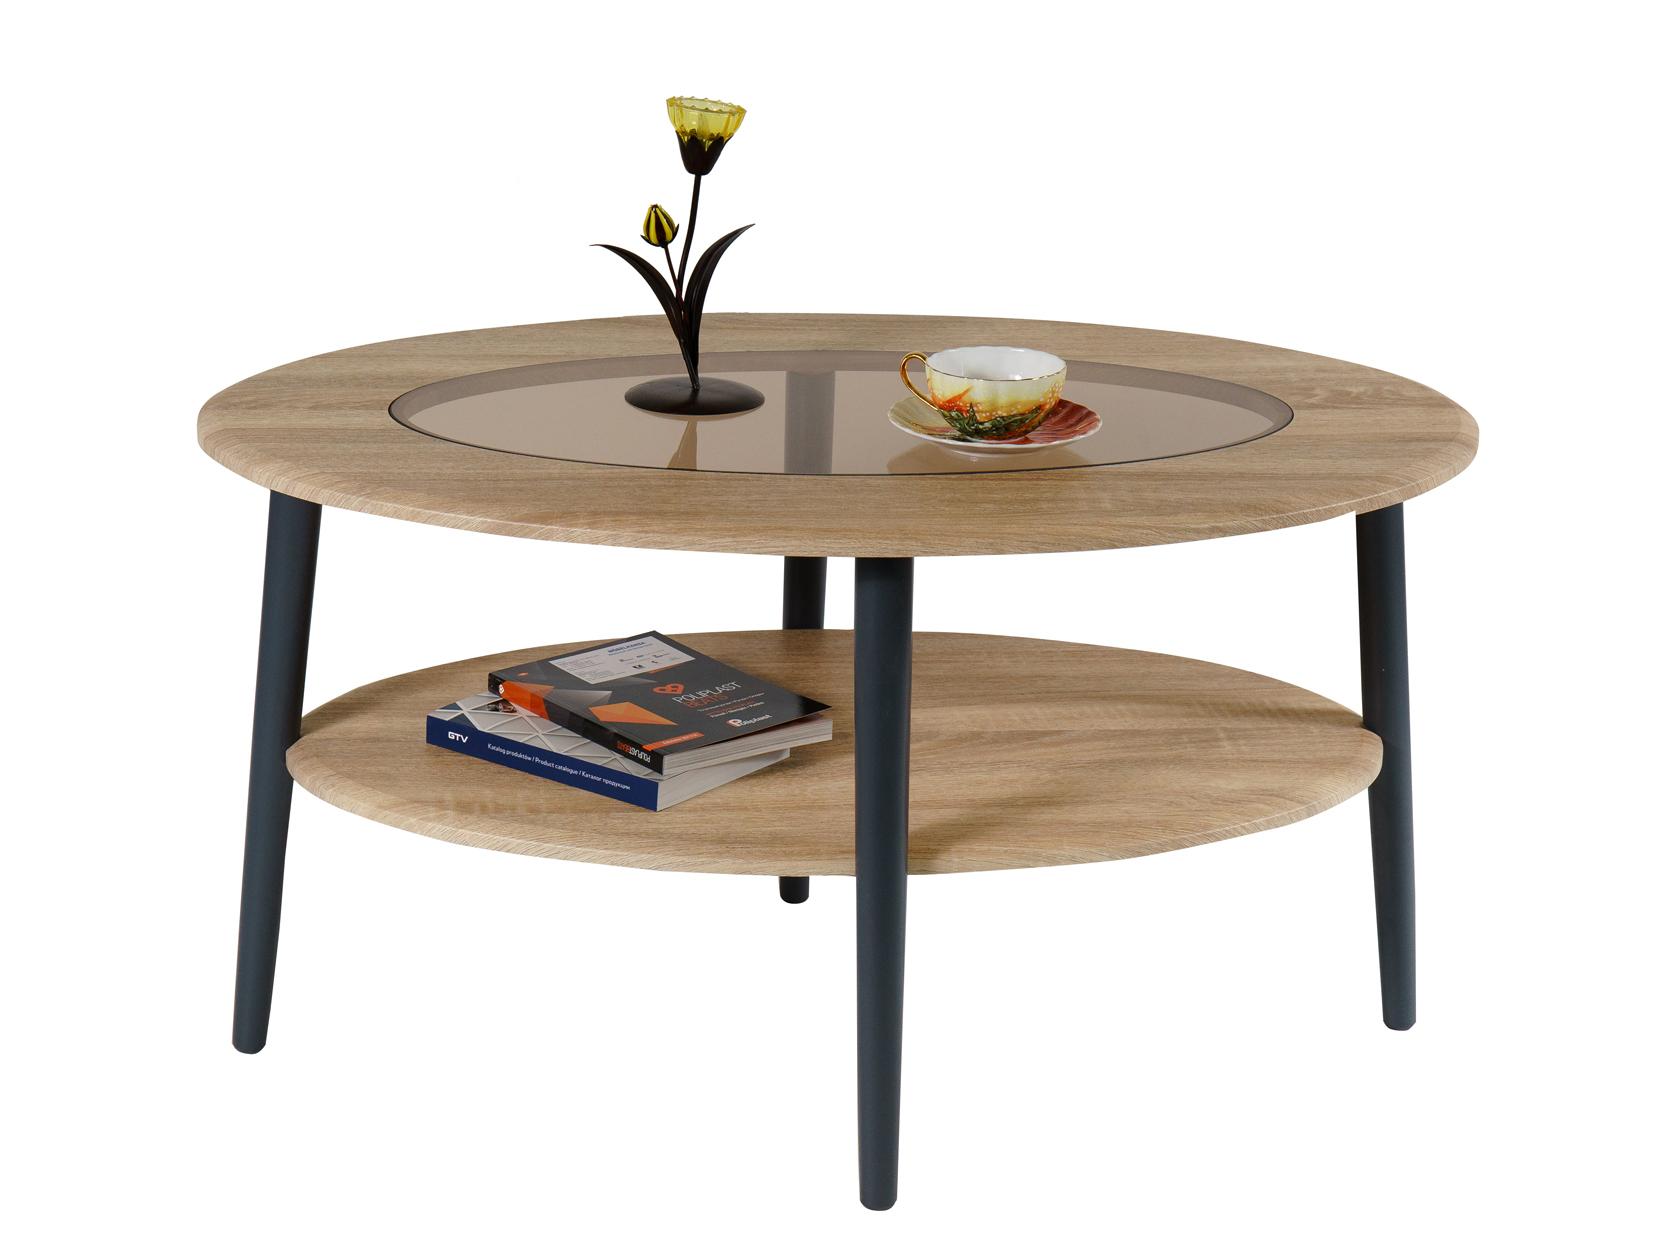 Журнальный столик Калифорния мебель Стол журнальный Эль со стеклом СЖС-01 Дуб сонома